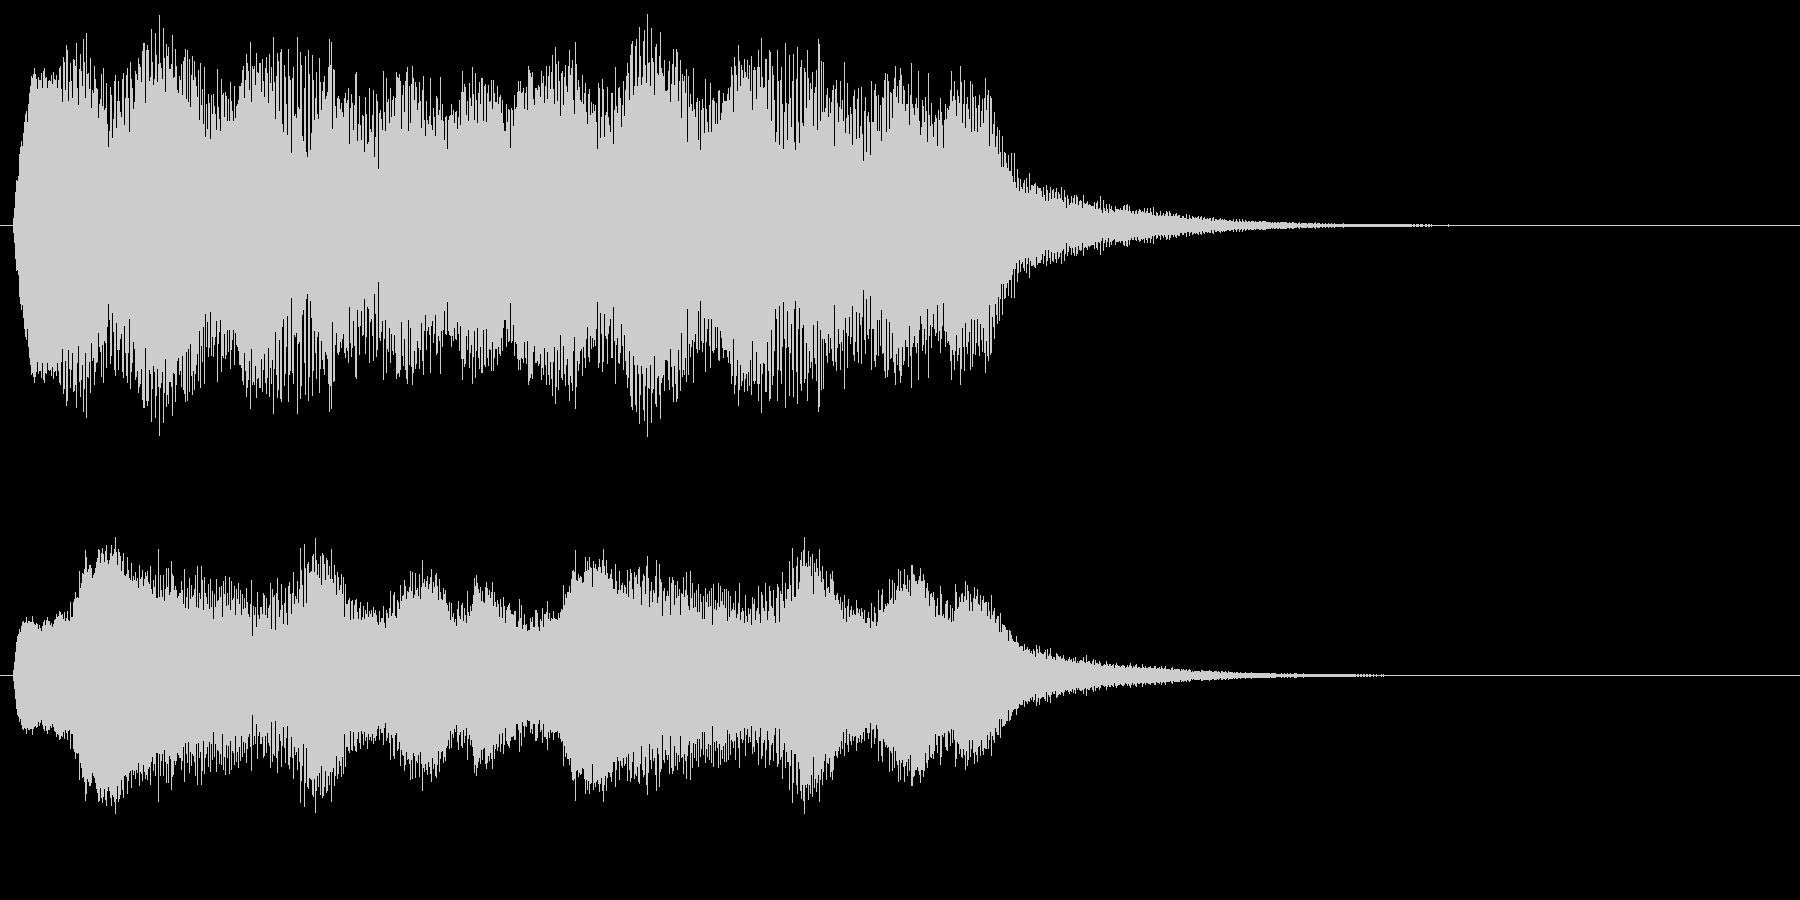 ラヴェル作曲「夜蛾」冒頭による警告効果音の未再生の波形